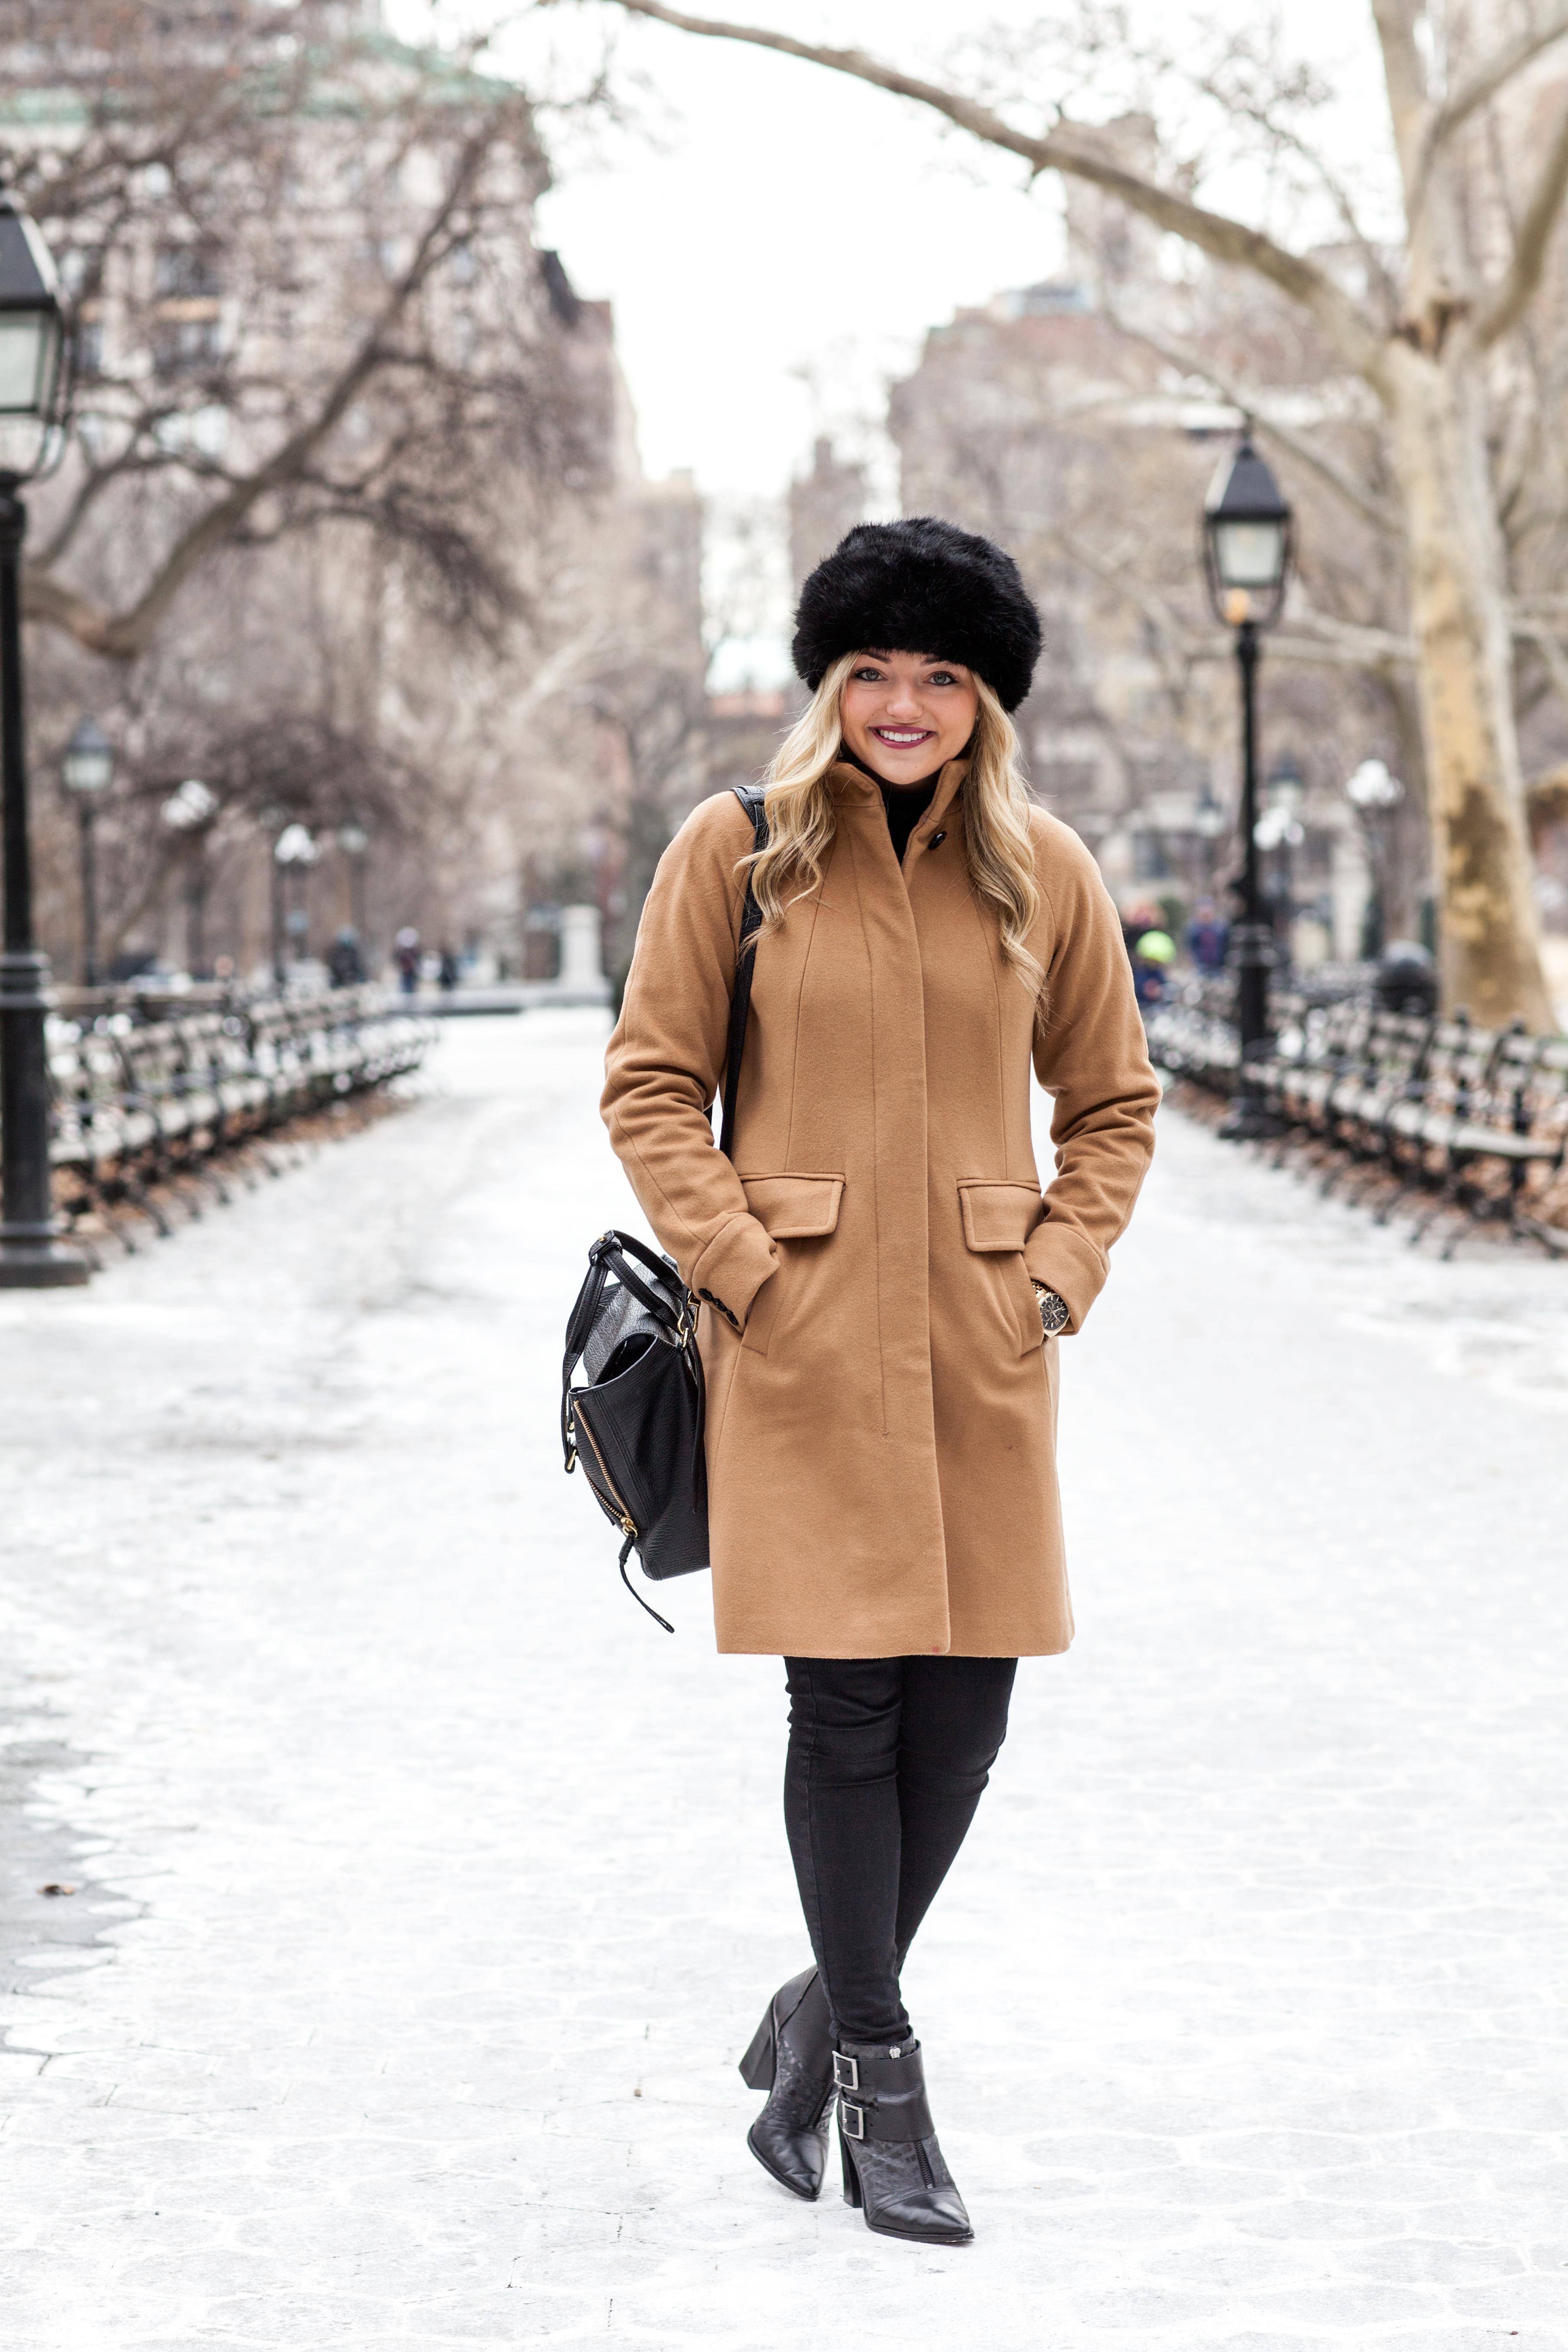 61a278618 washington square park snow winter — bows & sequins